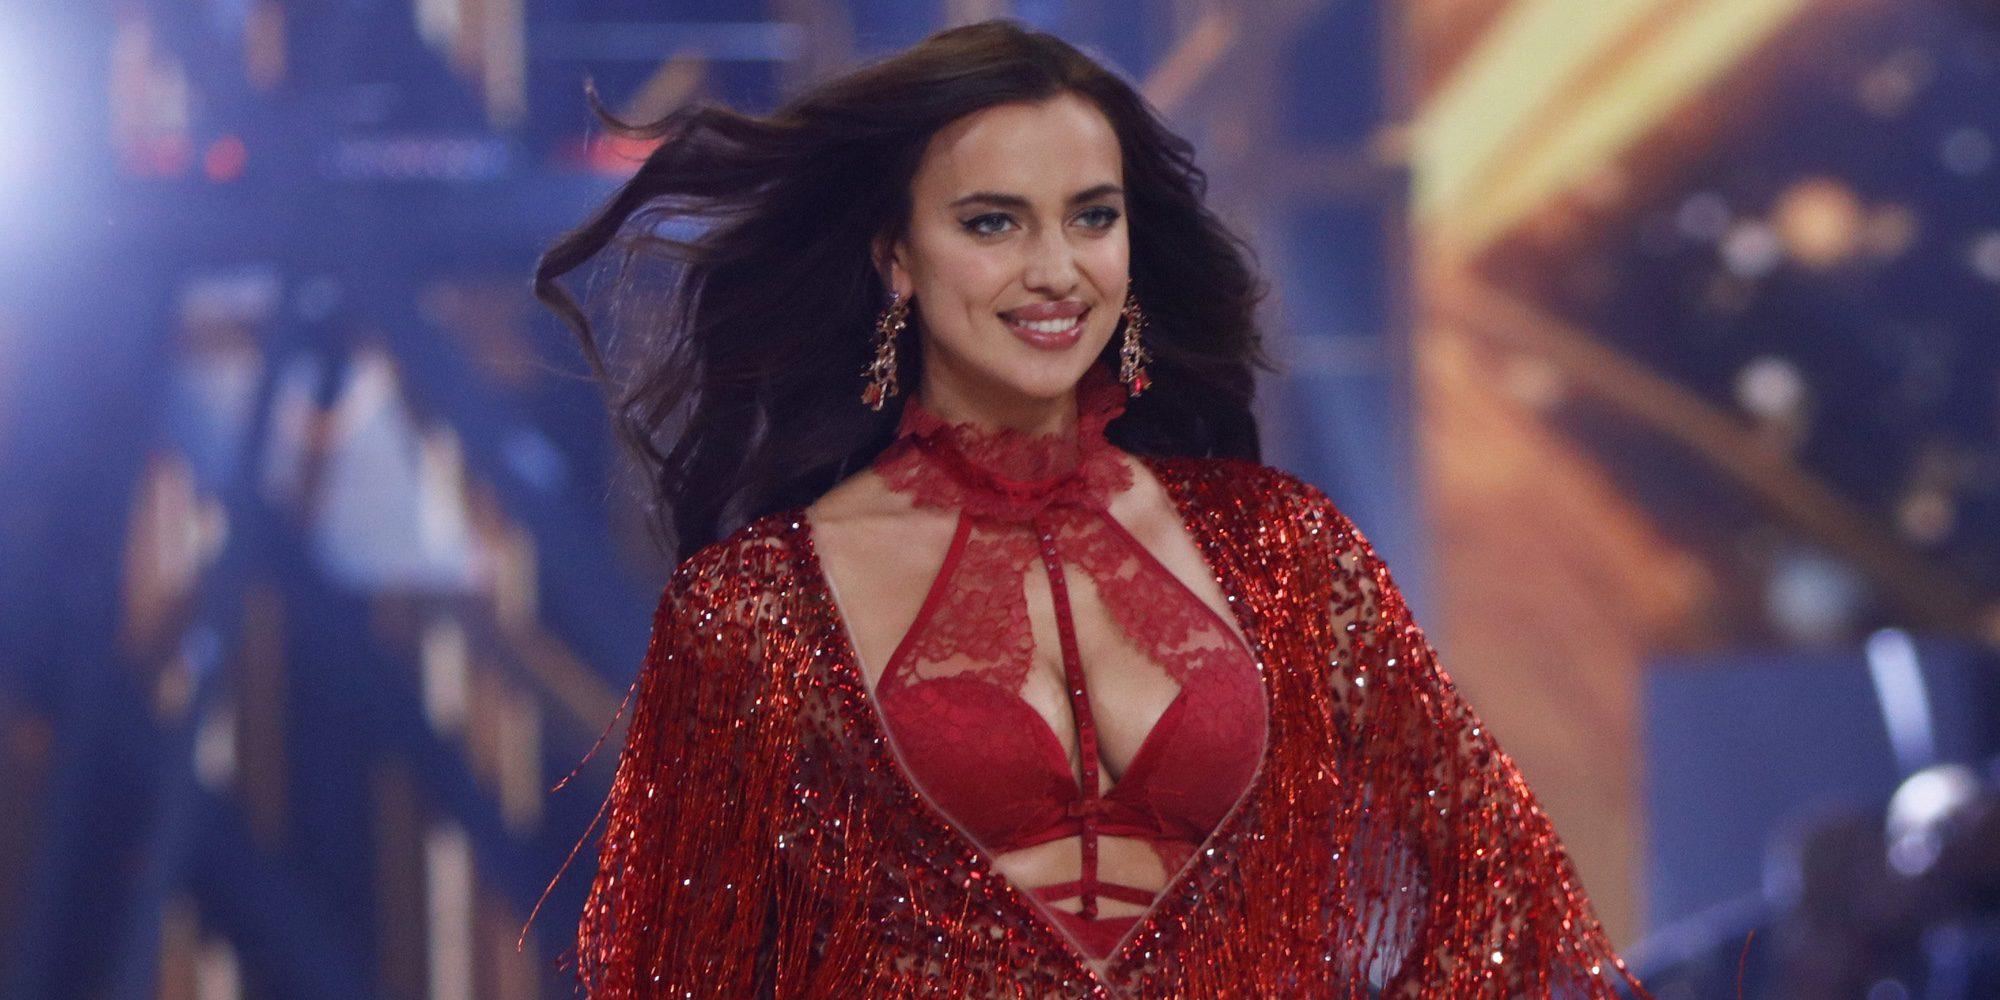 Irina Shayk confirma su embarazo desfilando en el Victoria's Secret Fashion Show en París